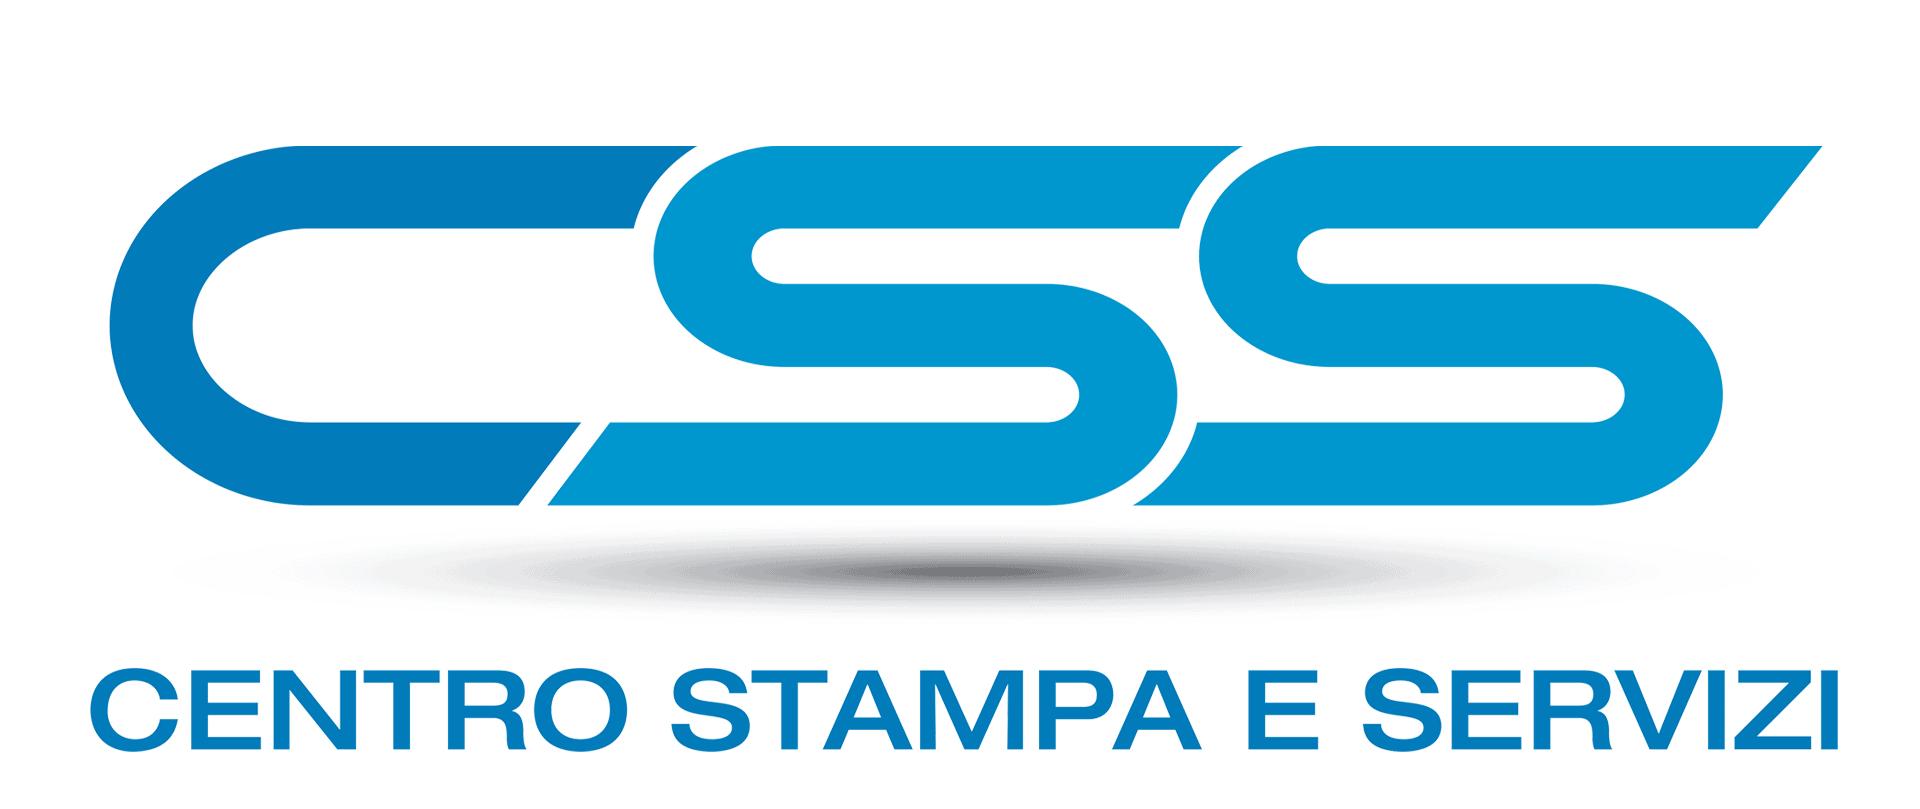 Centro Stampa e Servizi